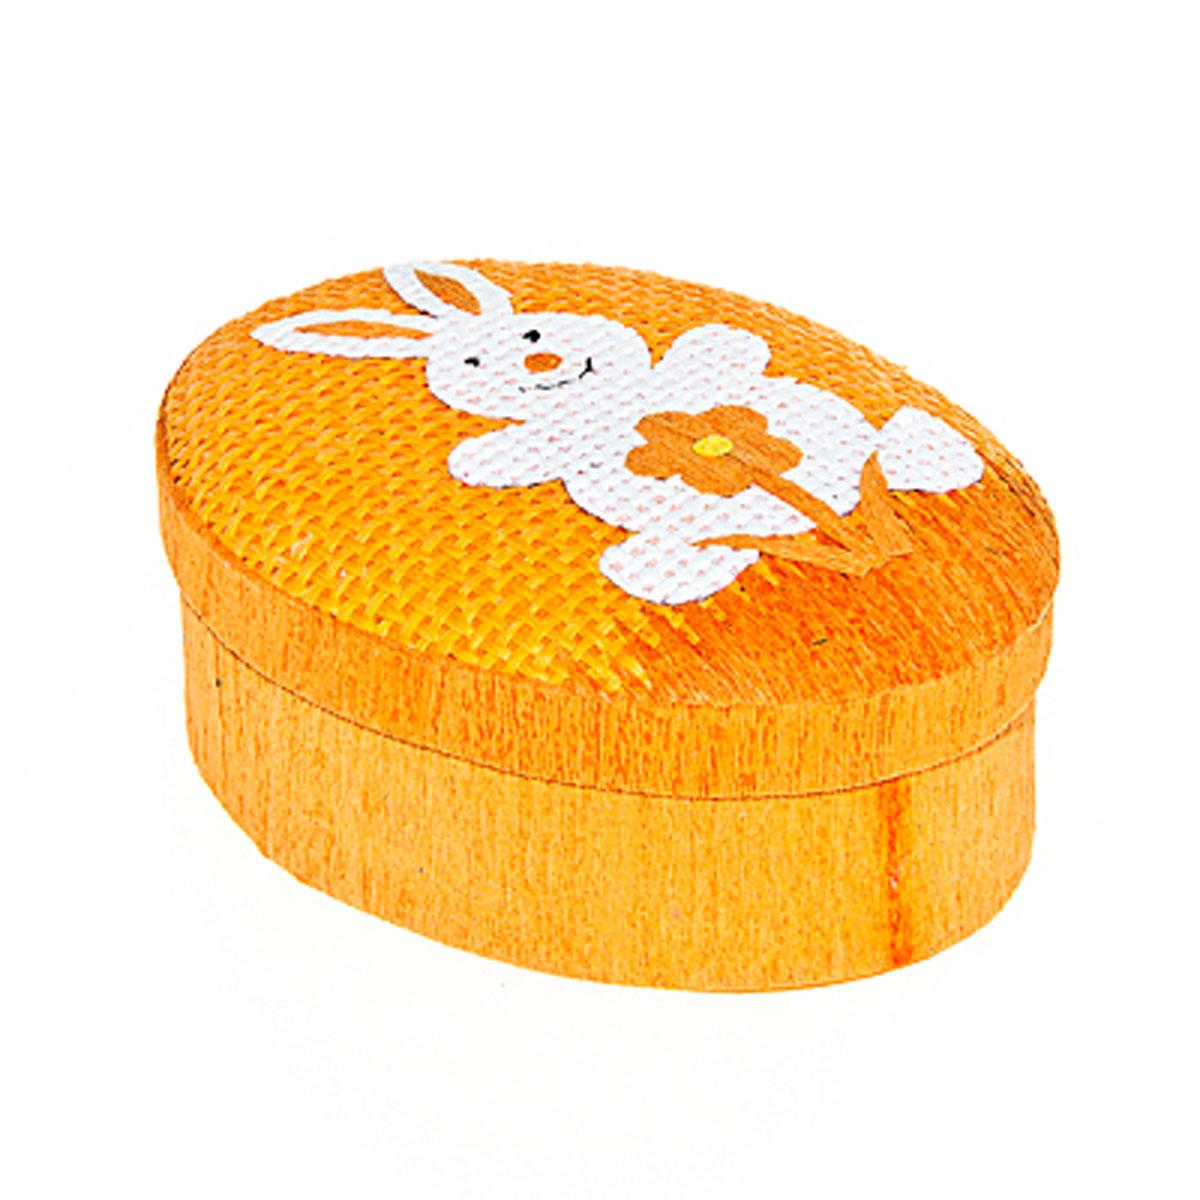 Шкатулка декоративная Home Queen Кролик с цветочком, цвет: оранжевый, 10,5 х 8 х 4 смKT400(4)Овальная шкатулка Home Queen Кролик с цветочком изготовлена из бумаги. Крышка изделия украшена рельефным рисунком в виде кролика и цветка. Изящная шкатулка прекрасно подойдет для упаковки пасхального подарка для детей и взрослых, а также красиво украсит интерьер комнаты. Размер: 10,5 см х 8 см х 4 см.